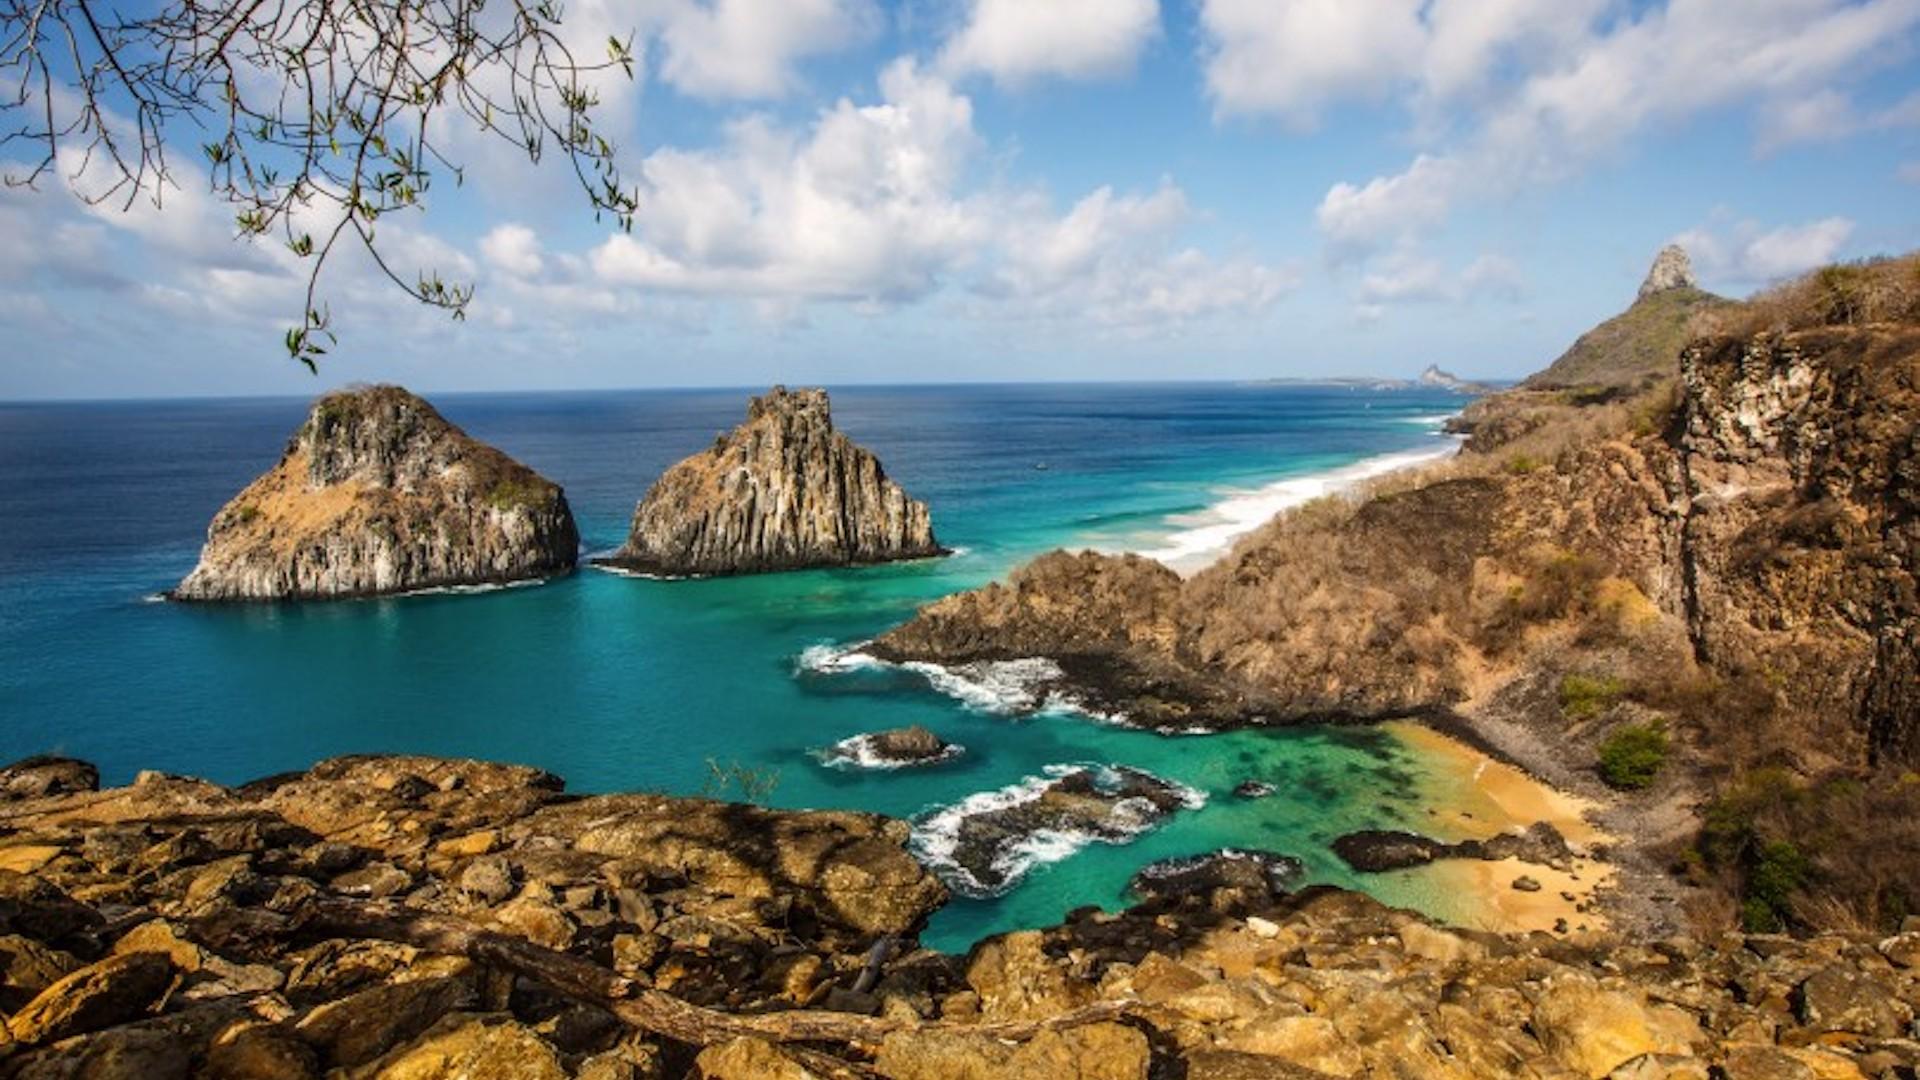 Concurso para viajar gratis por Brasil durante 30 días: cómo participar